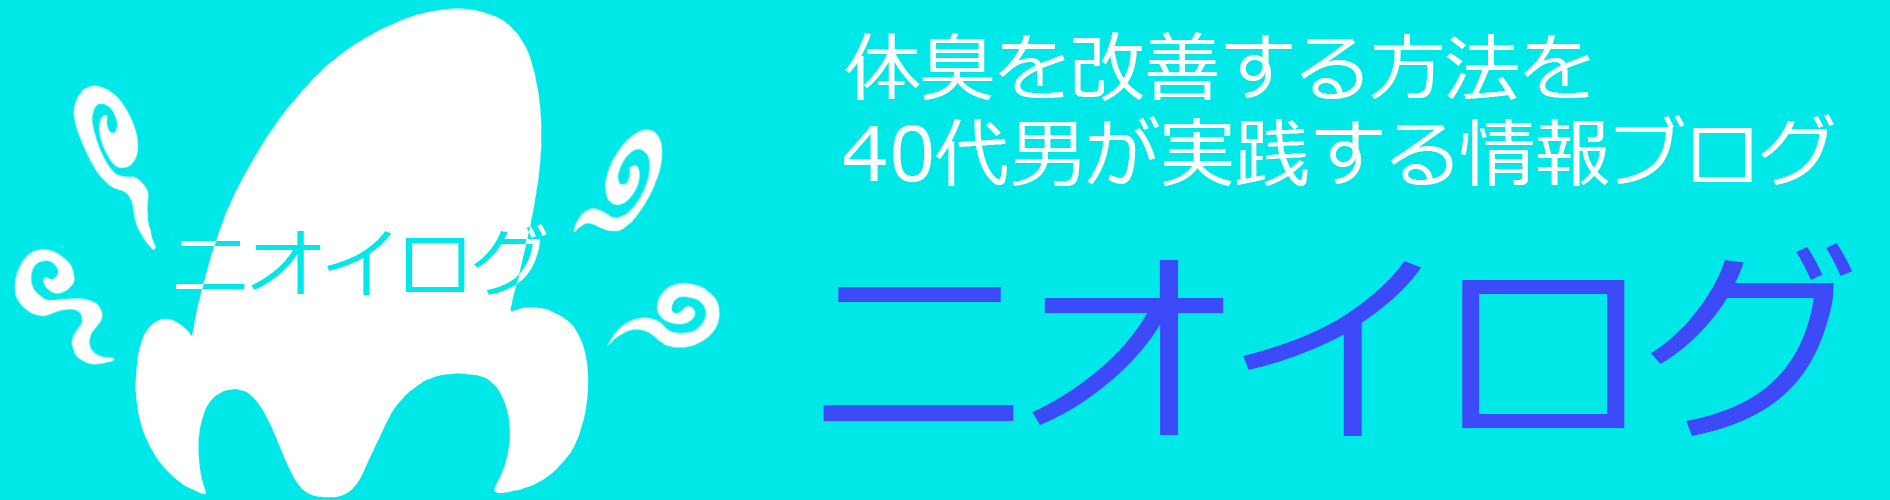 体臭を改善する方法を40代男が実践する情報ブログ | ニオイログ